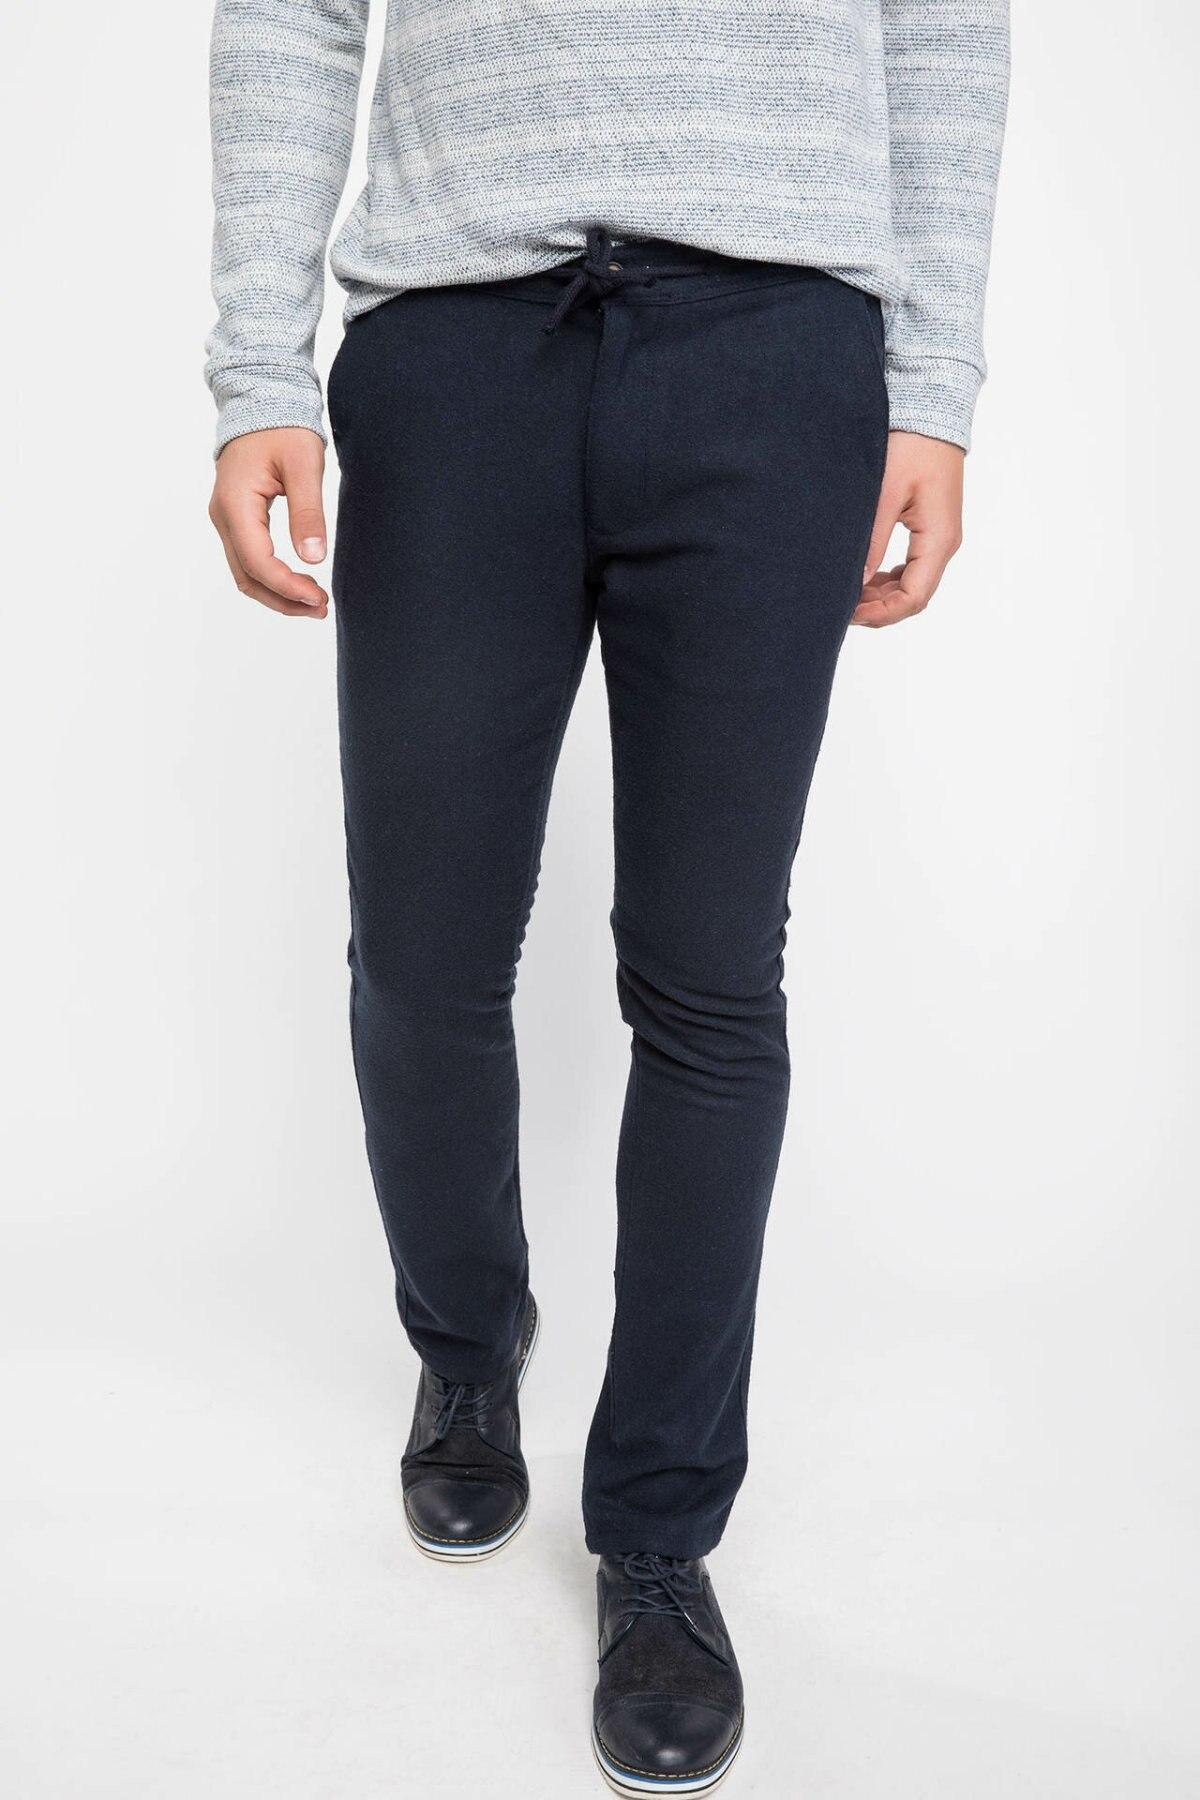 DeFacto Men's Solid Slim Casual Trousers Male Classic Style Stright Pant Cotton High Quality Fashion Pants Men - J2833AZ18AU